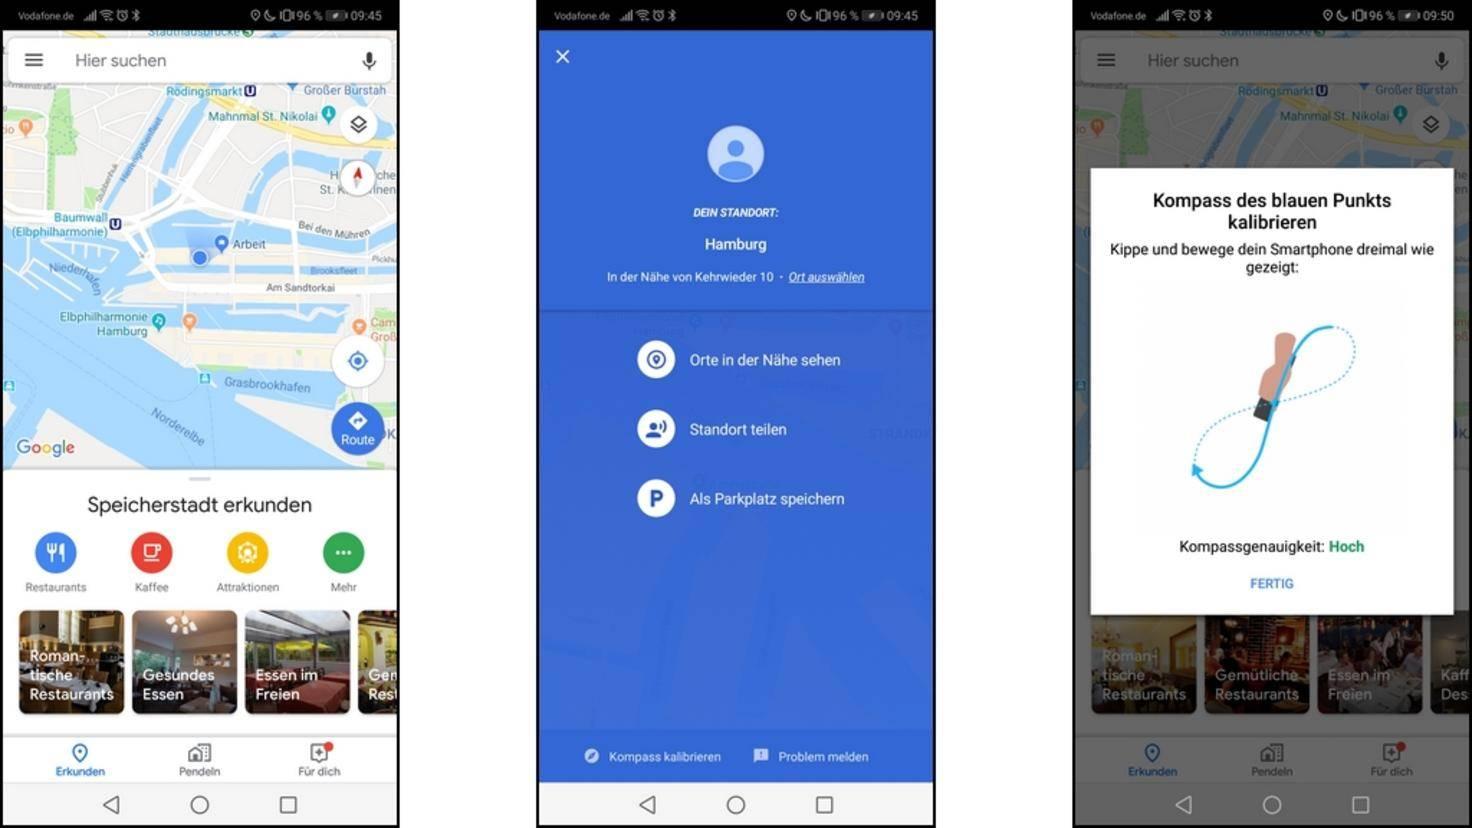 Android-Komp kalibrieren: Mit dieser Anleitung gelingt es on